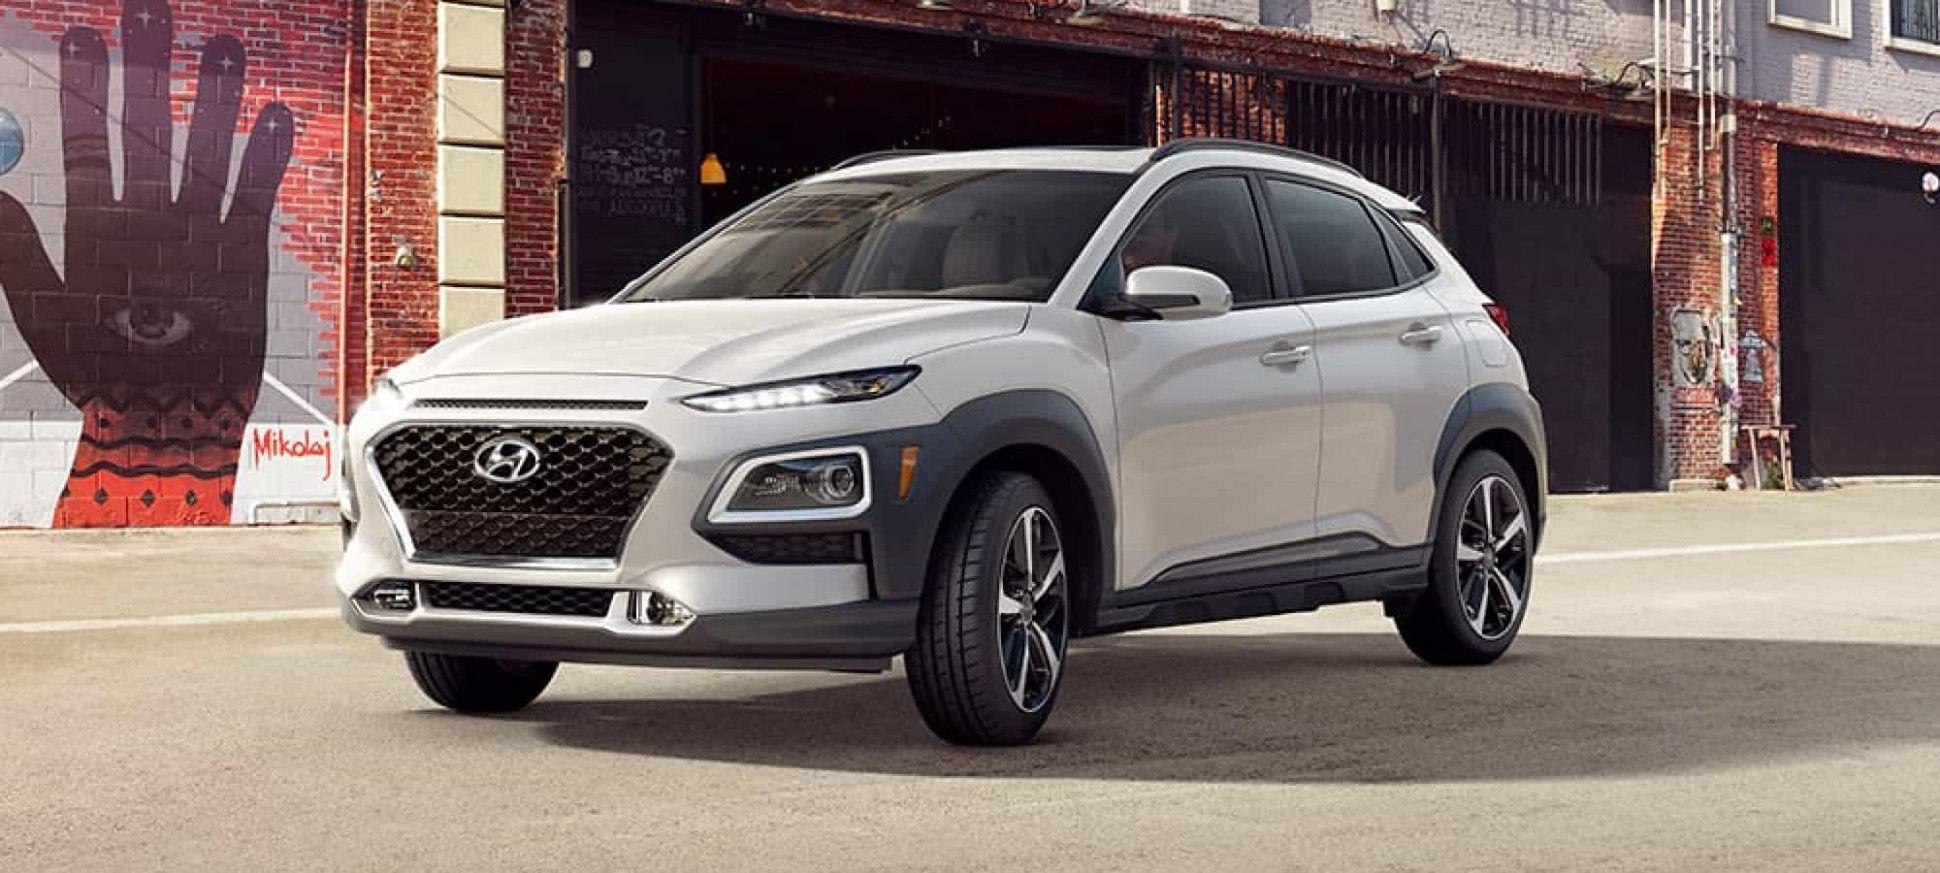 6 Image Hyundai Kona Colors 2020 In 2020 Hyundai Subcompact Suv Hyundai Cars